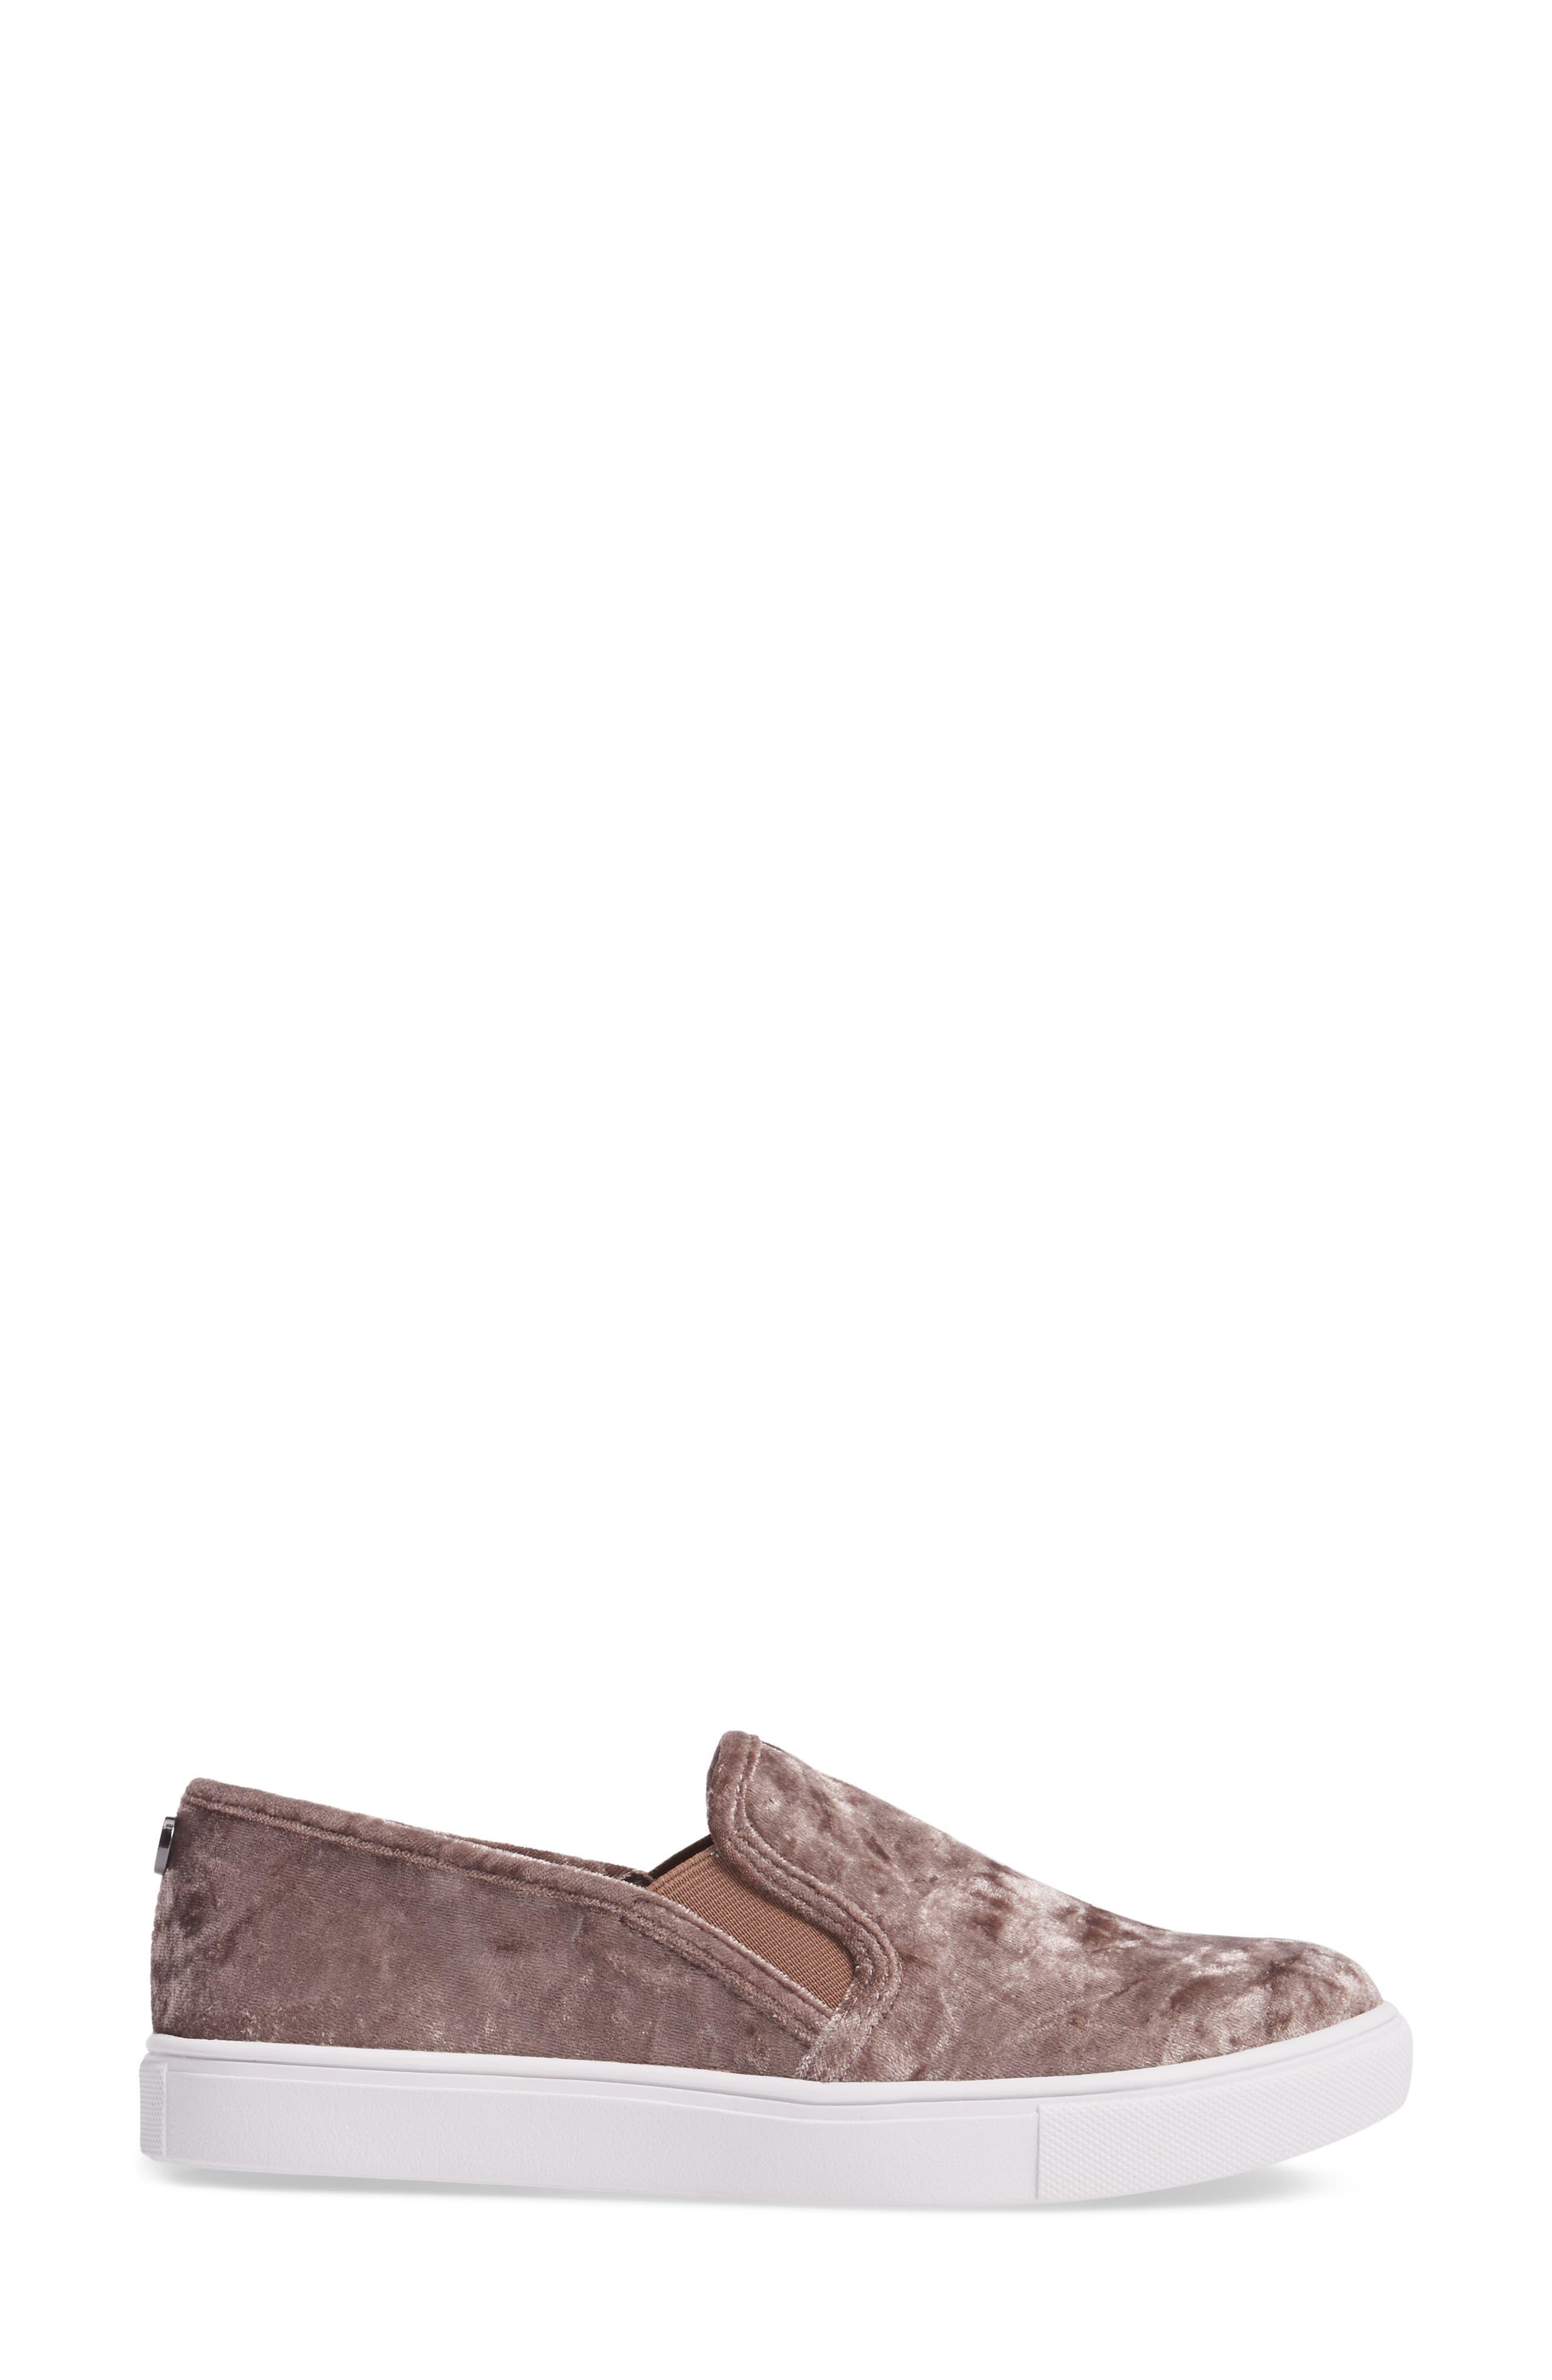 Ecntrcv Slip-On Sneaker,                             Alternate thumbnail 3, color,                             Mushroom Fabric